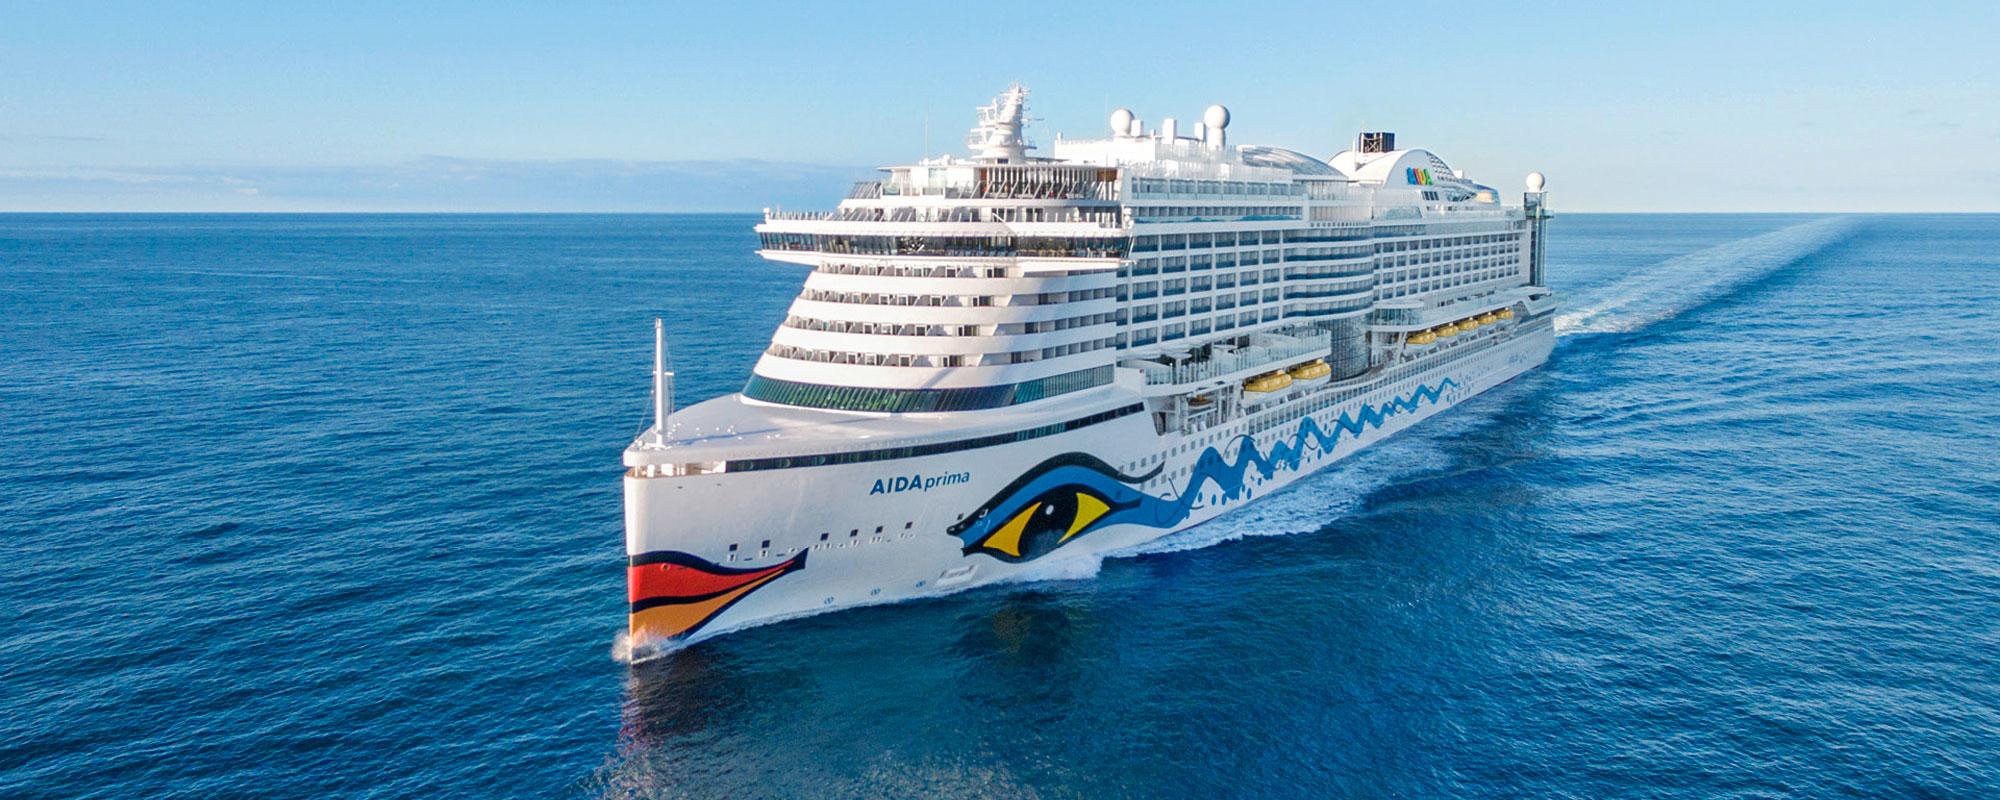 Aida Cruises Promo Scan-Suisse